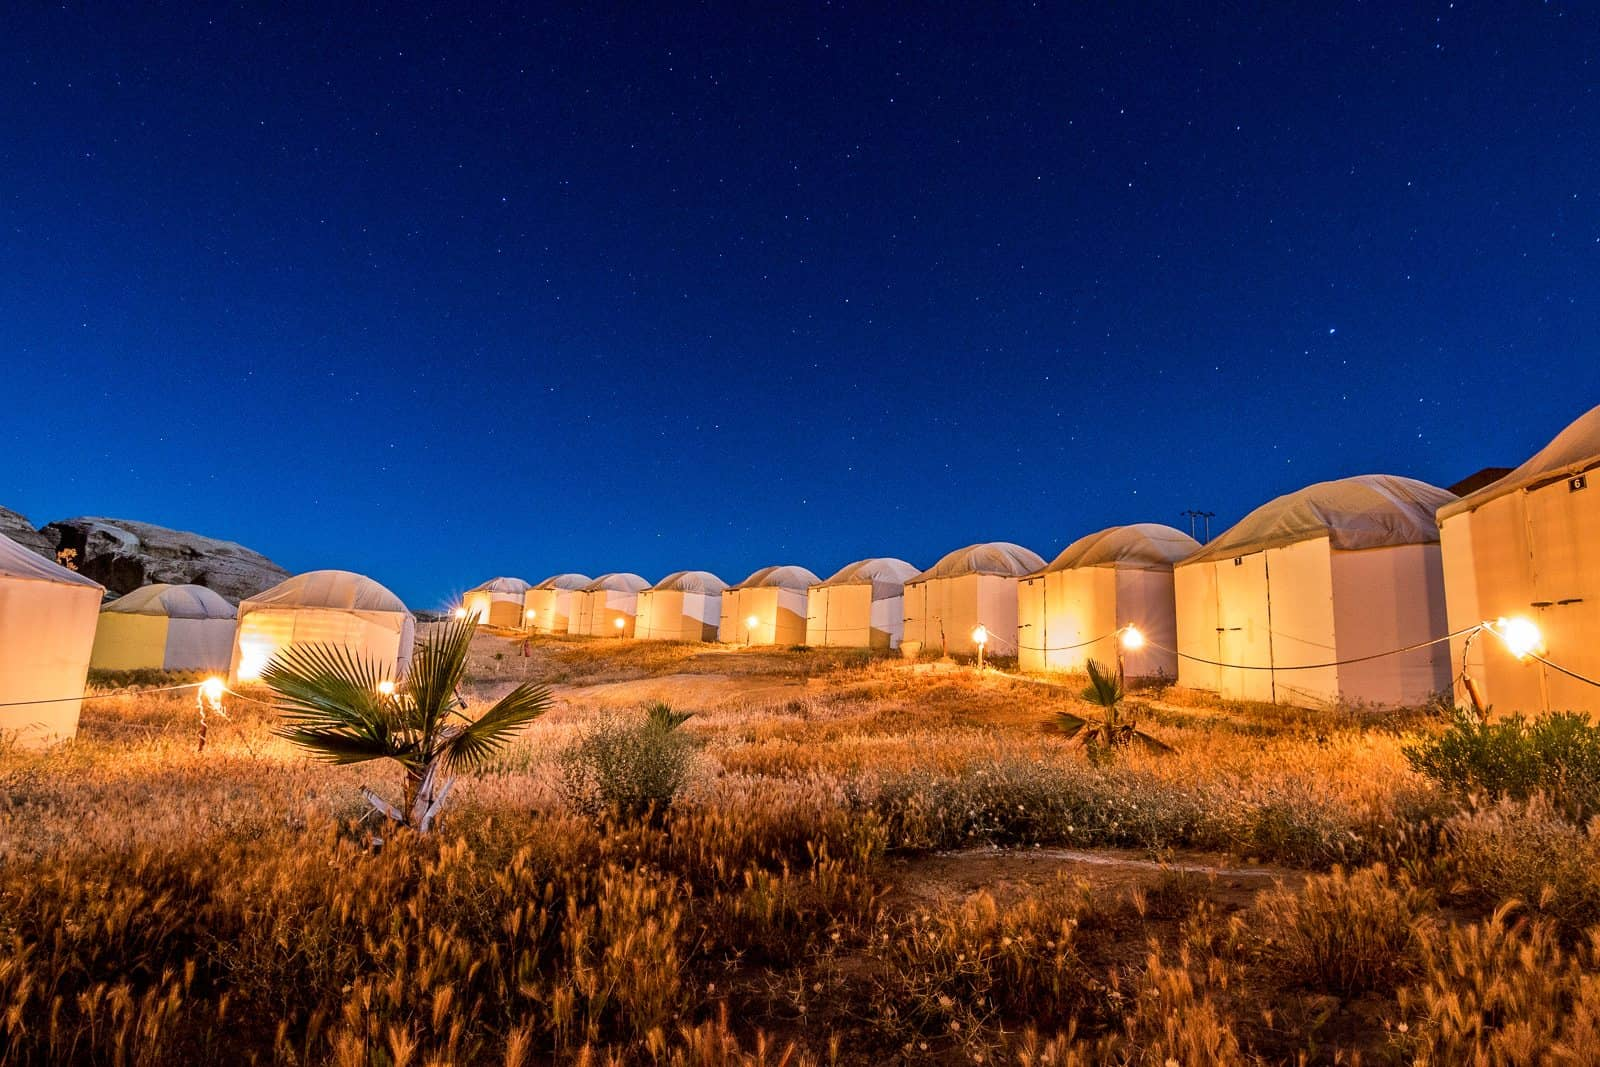 Bedouin Camp, Petra, Jordan.